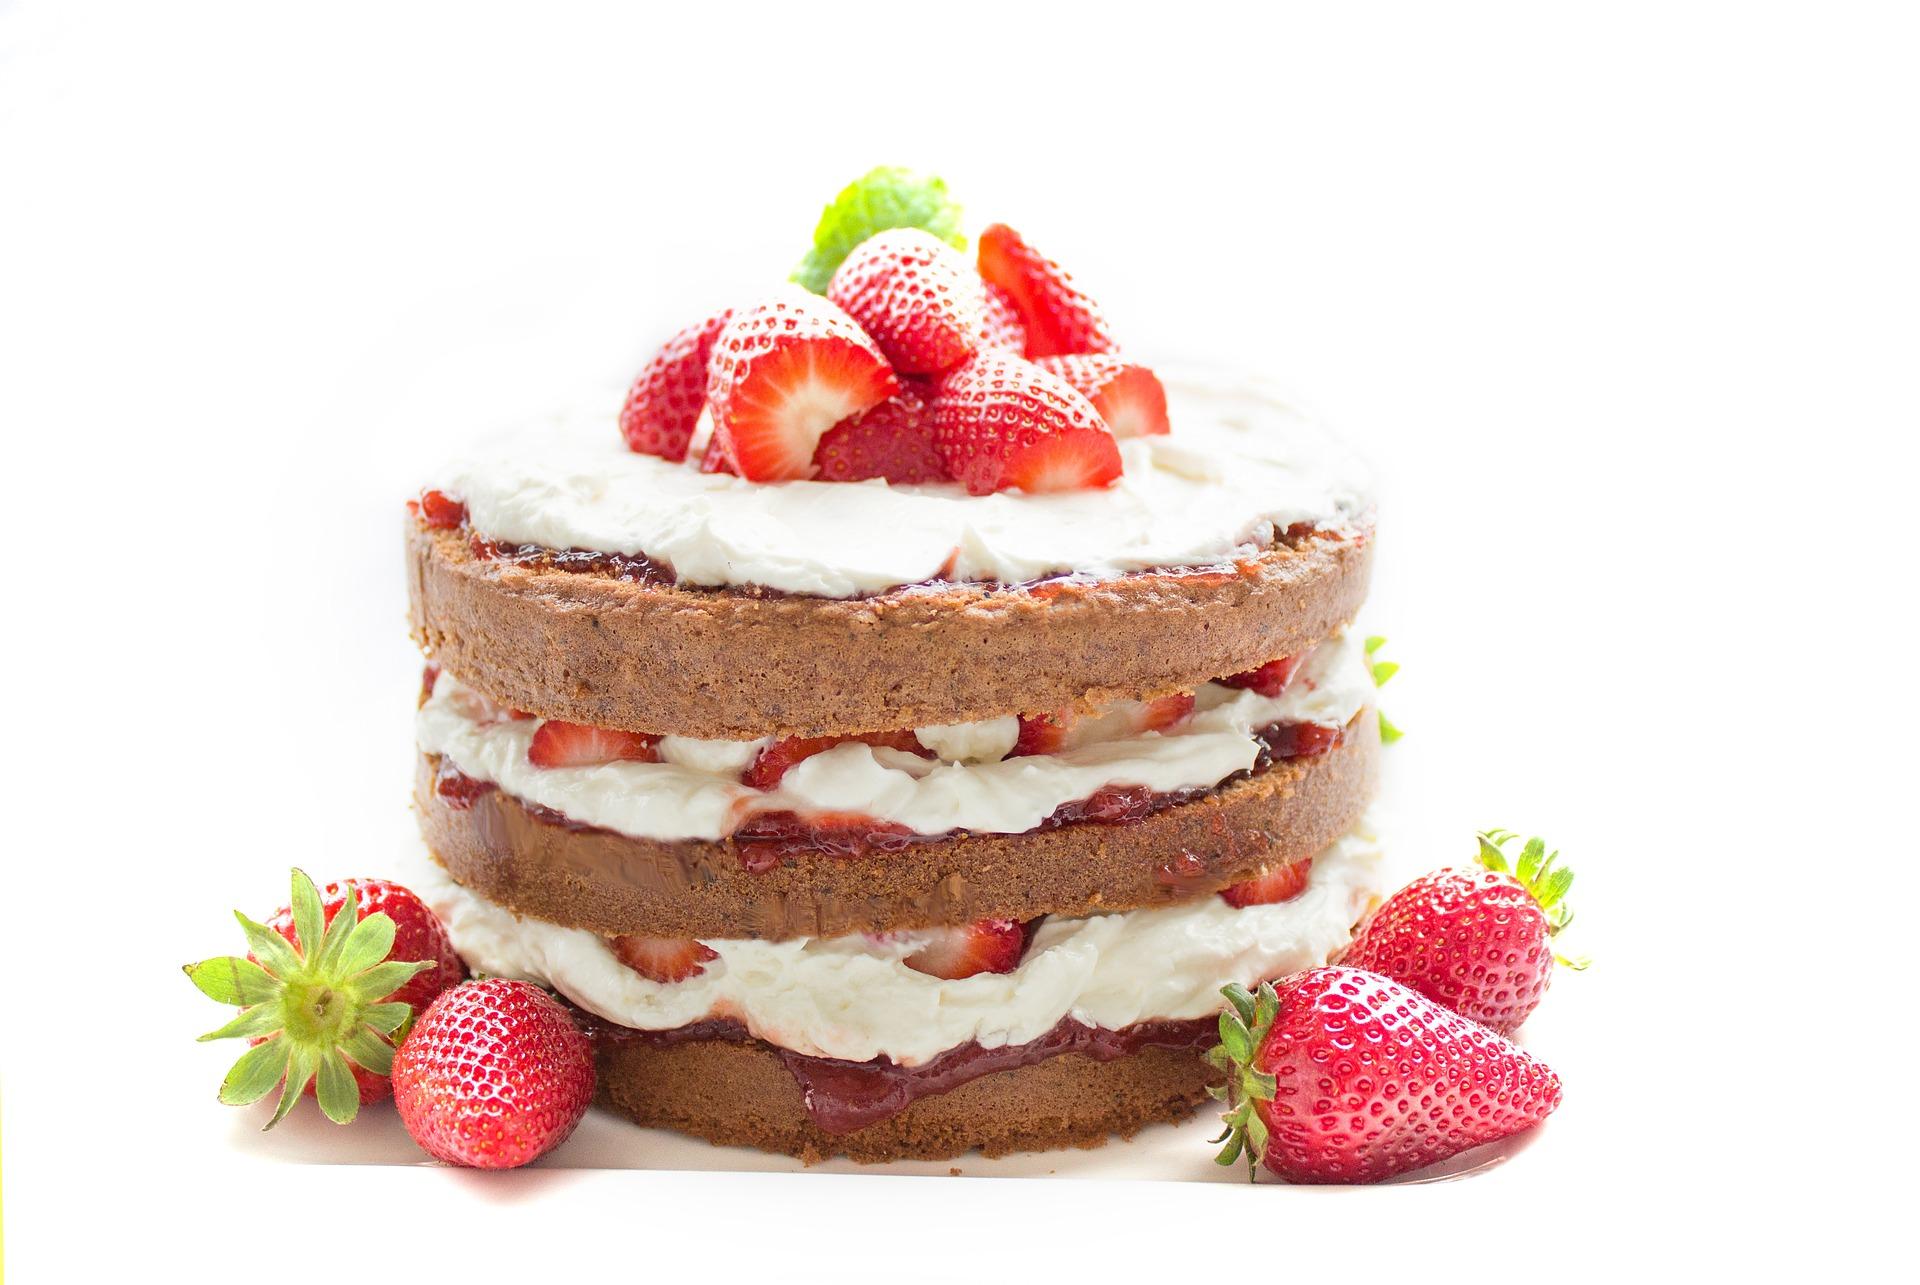 Jeśli nie umiesz piec, tort możesz zamówić